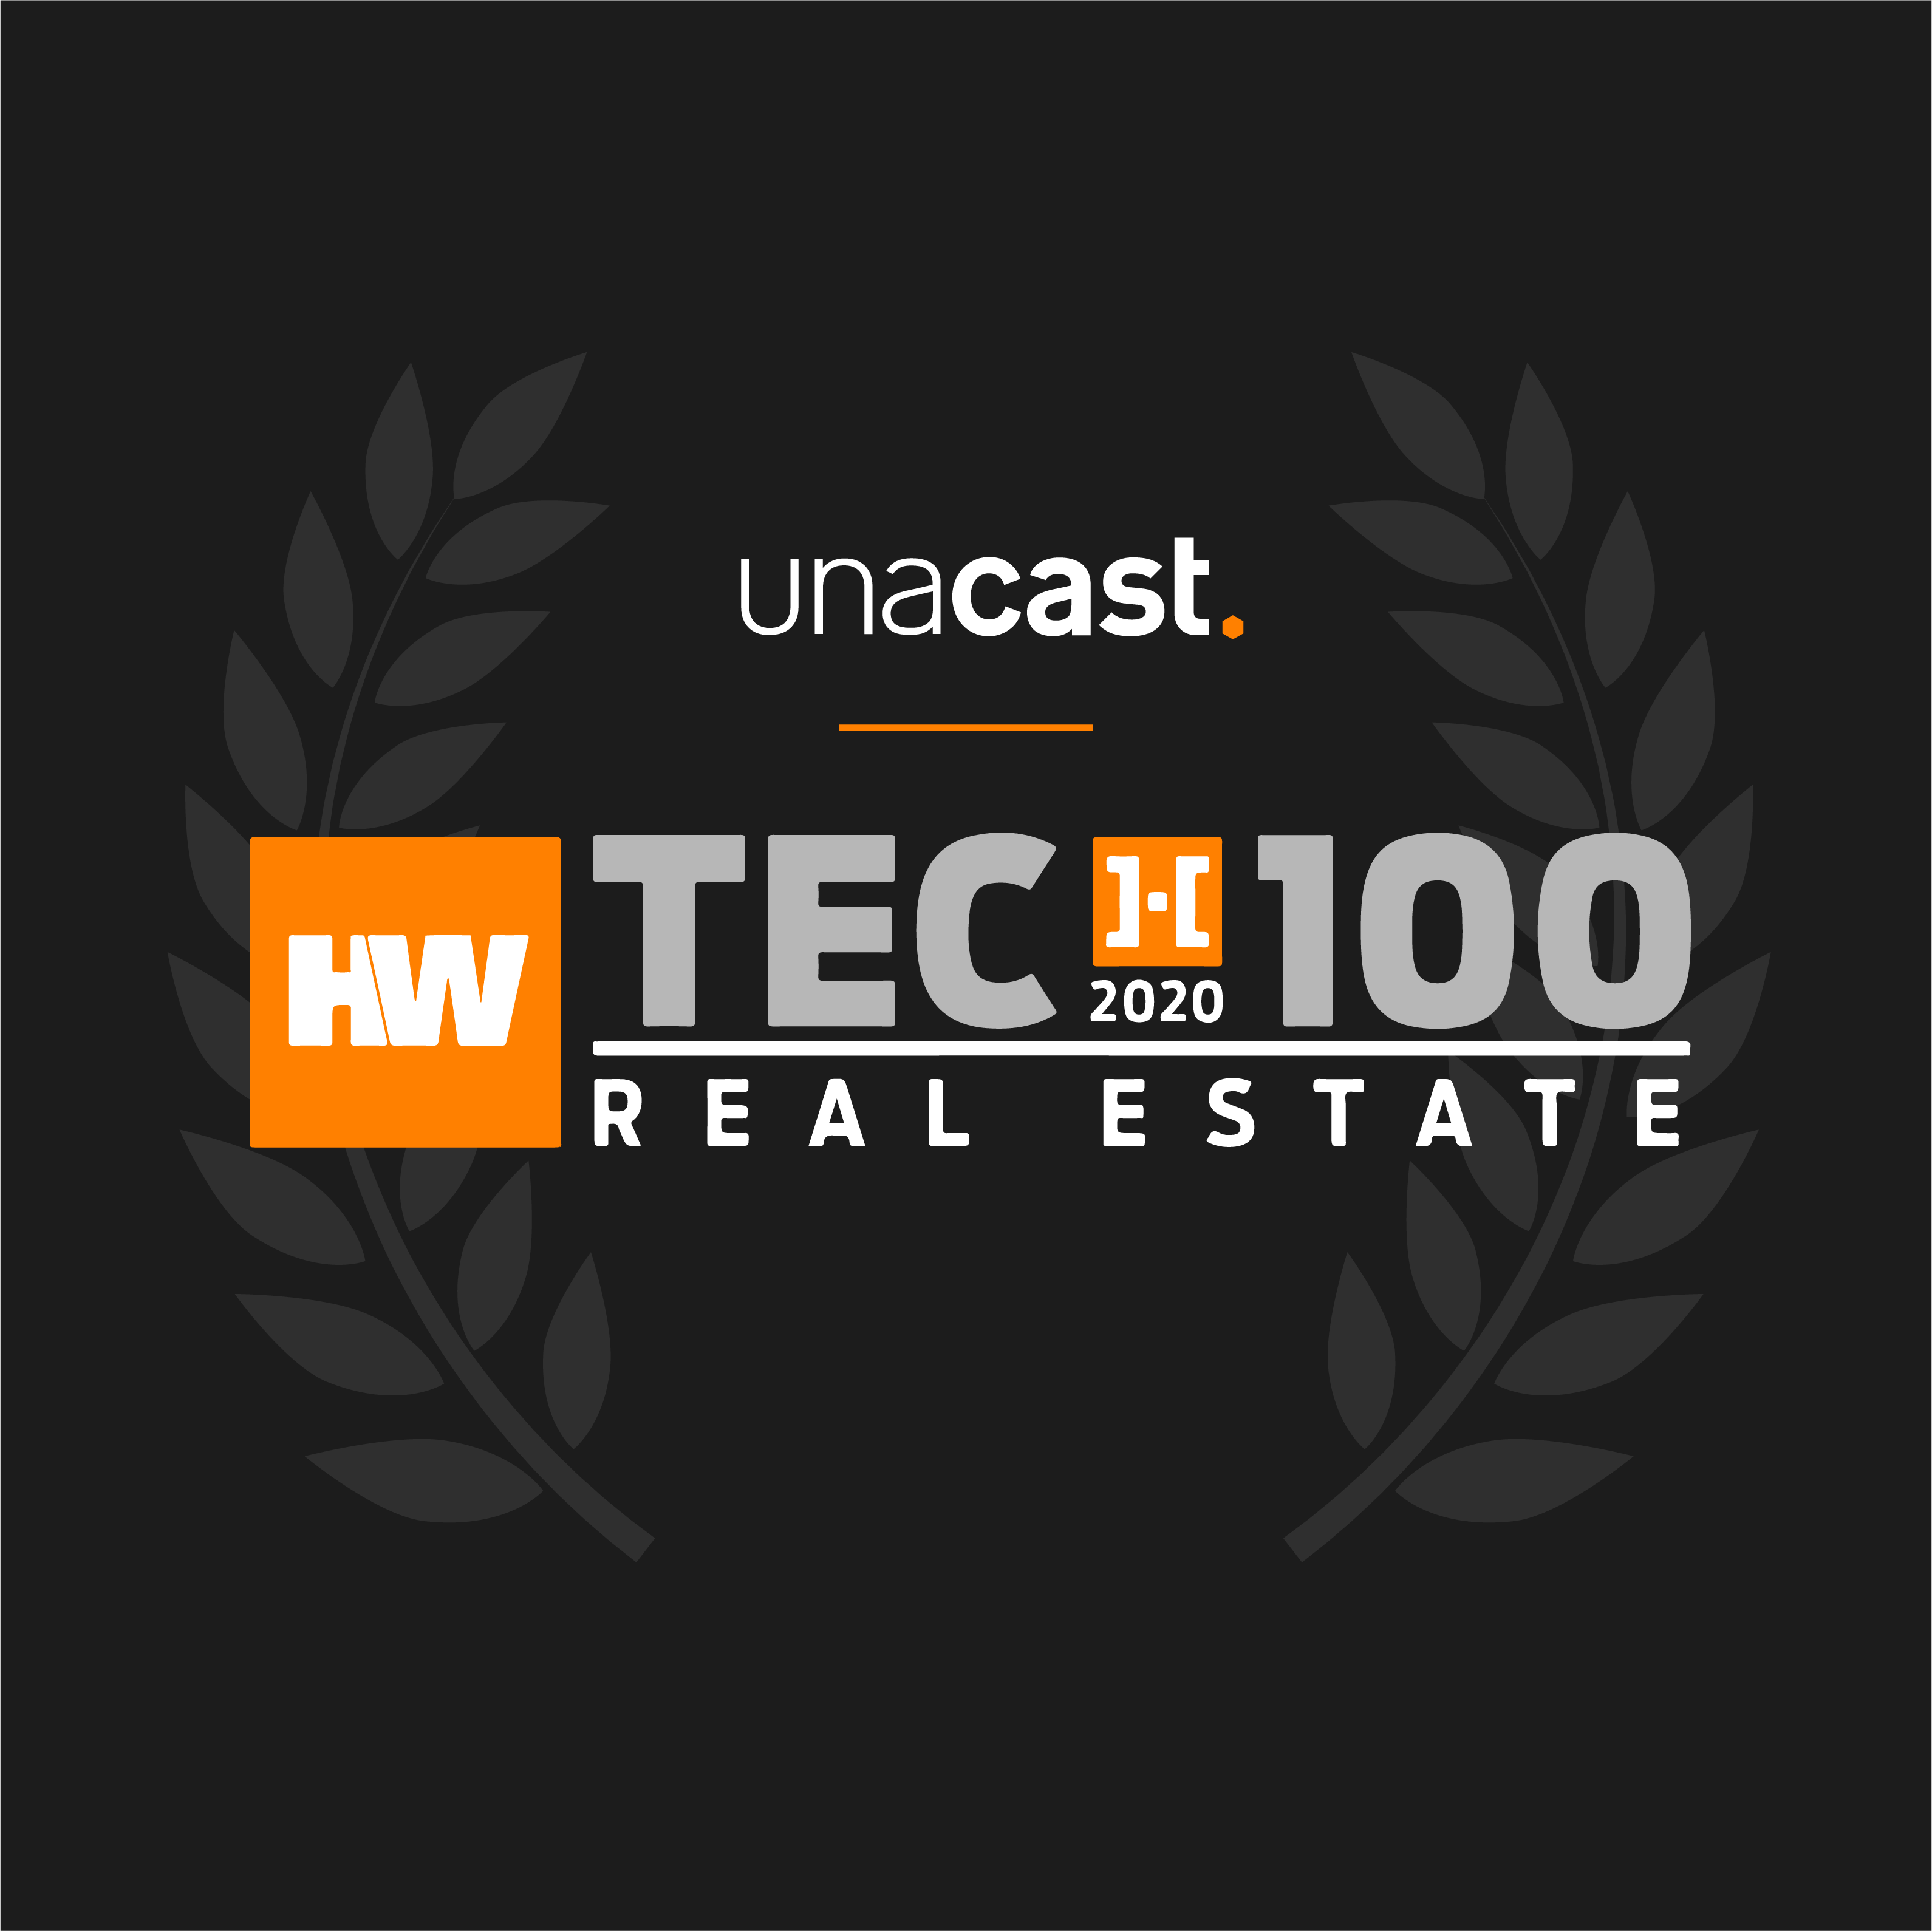 Unacast Wins HousingWire's Tech100 Award